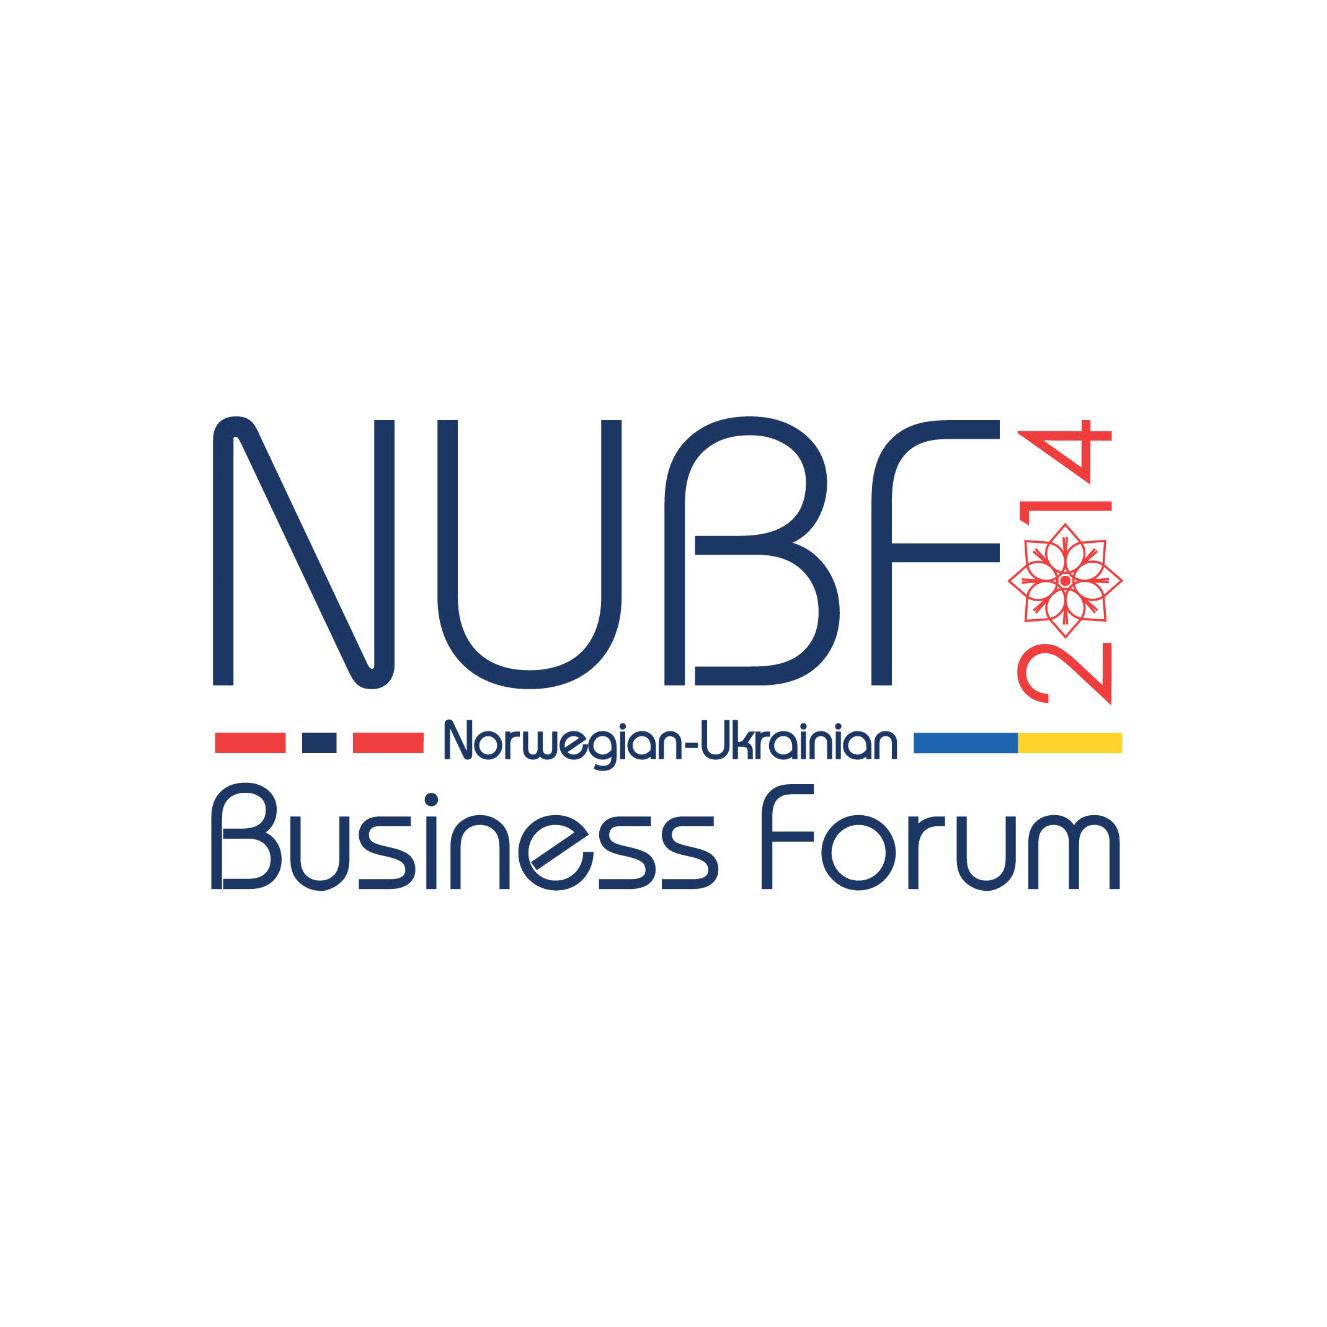 Norwegian - Ukrainian business forum